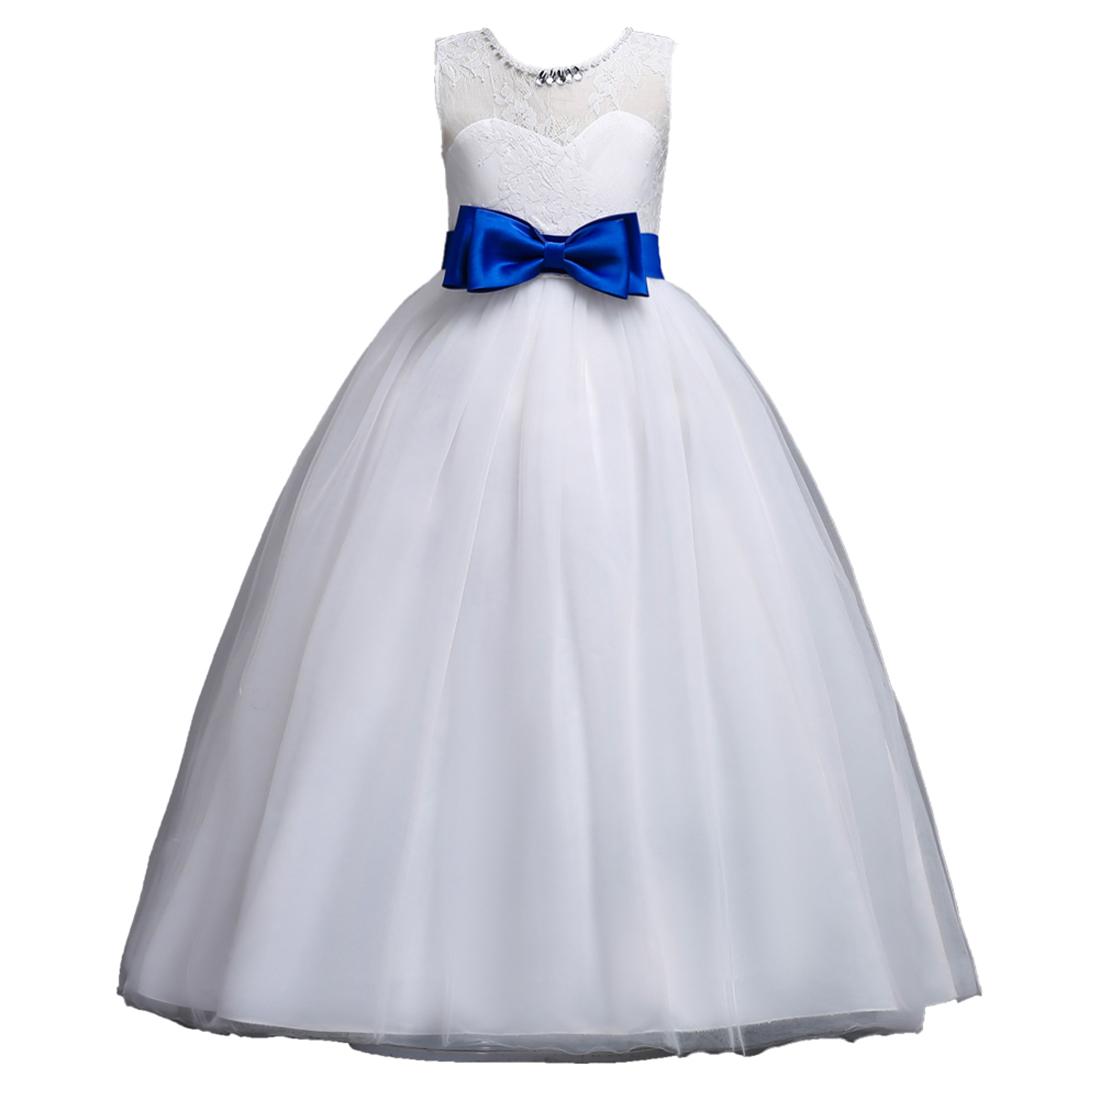 18c07e61b 2018 El Último Diseño Blanco Color 10 Años Niñas Vestido Con Bowknot Para  La Boda Cumpleaños - Buy 10 Años Niños Niñas Vestido,Blanco Color 10 ...